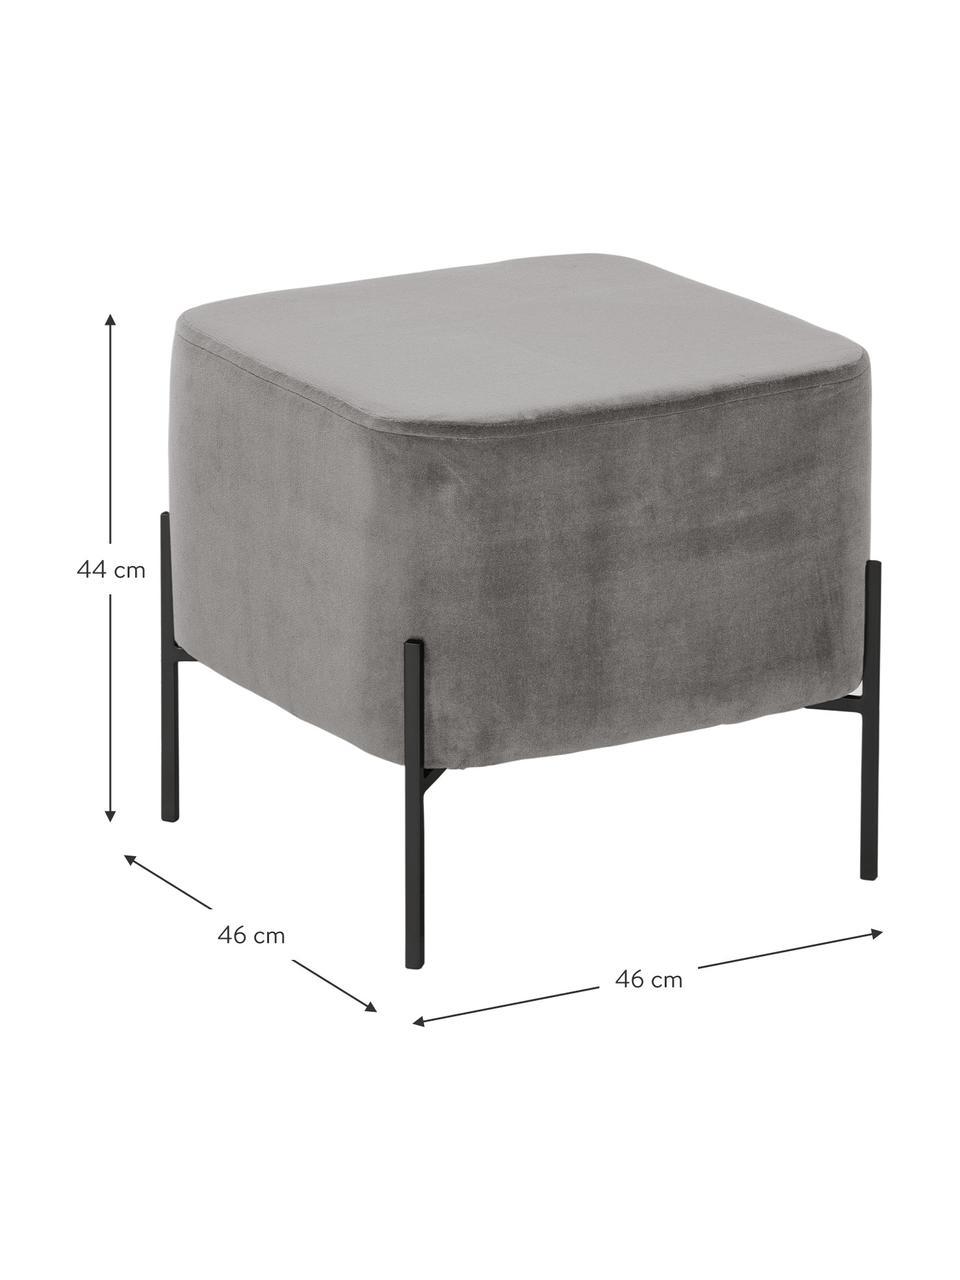 Samt-Hocker Harper, Bezug: Baumwollsamt, Fuß: Metall, pulverbeschichtet, Samt Grau, Schwarz, 46 x 44 cm